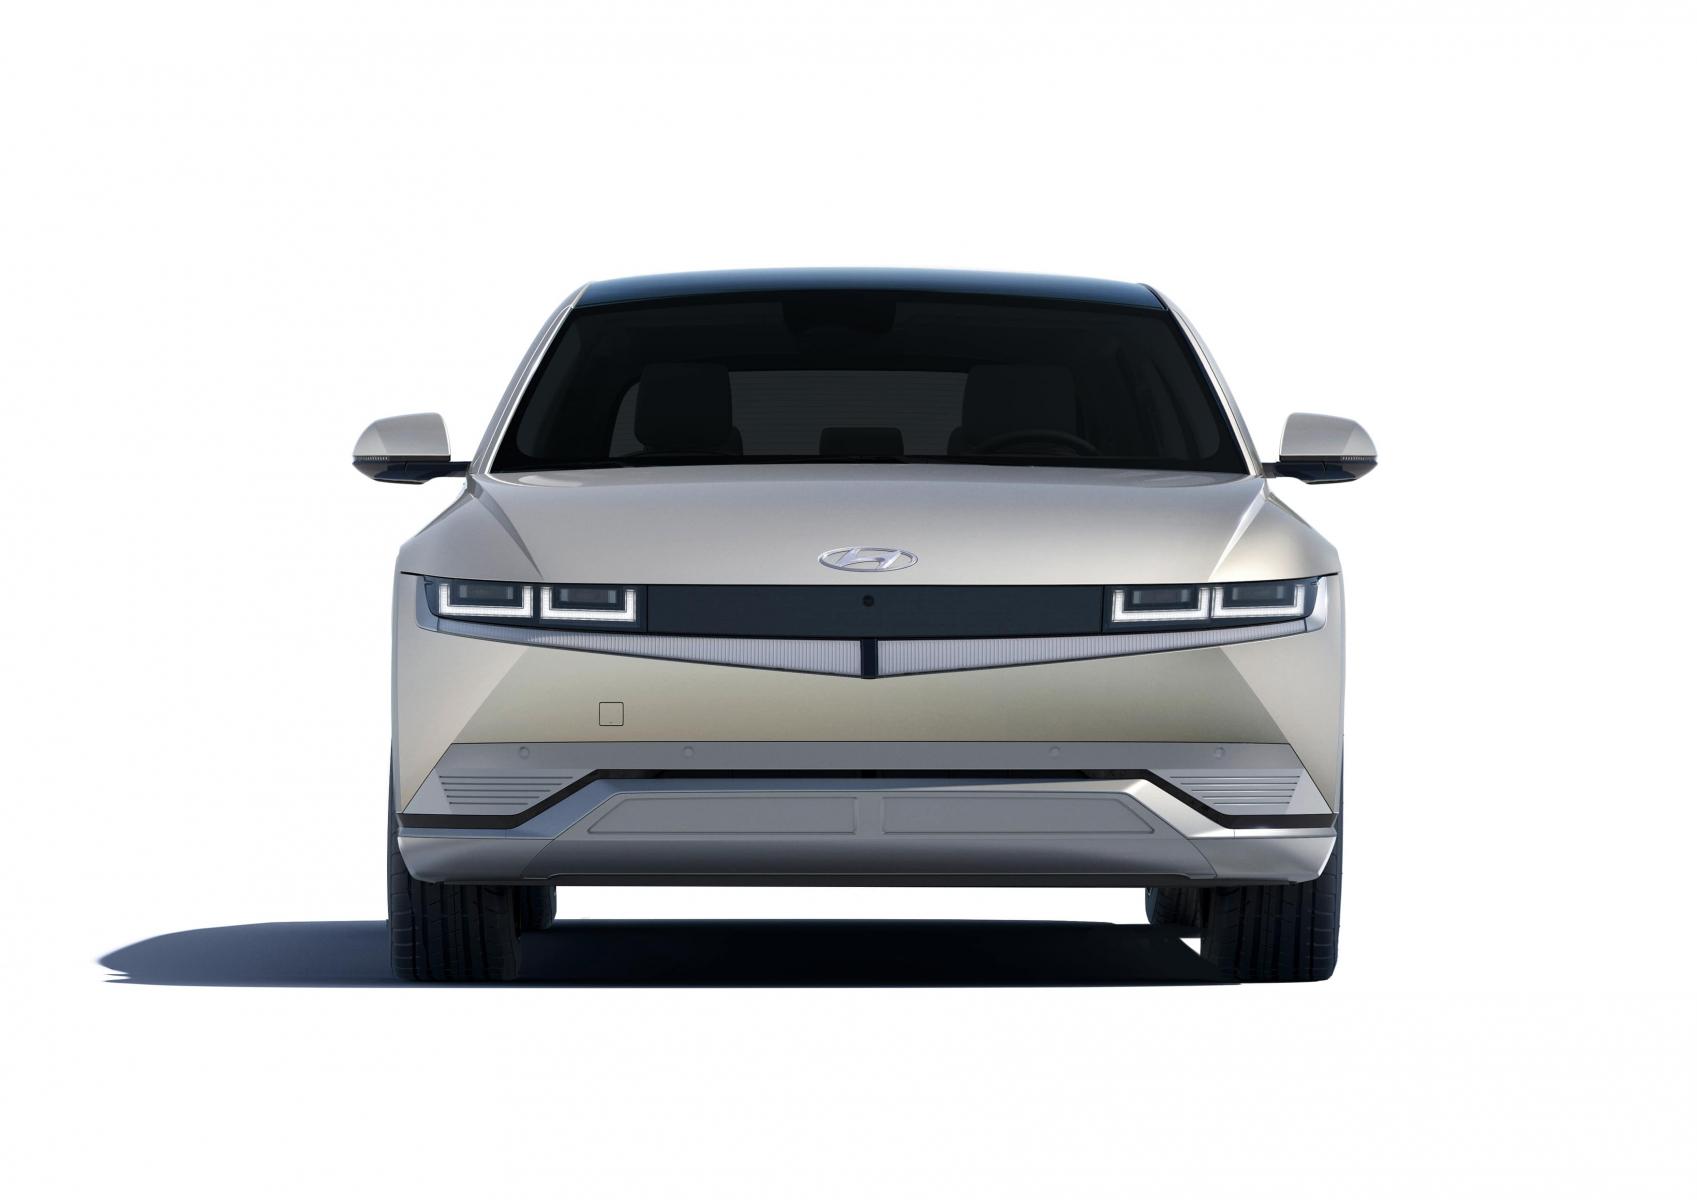 Hyundai IONIQ 5 переосмислює спосіб життя з електричною мобільністю | Фрунзе-Авто - фото 11